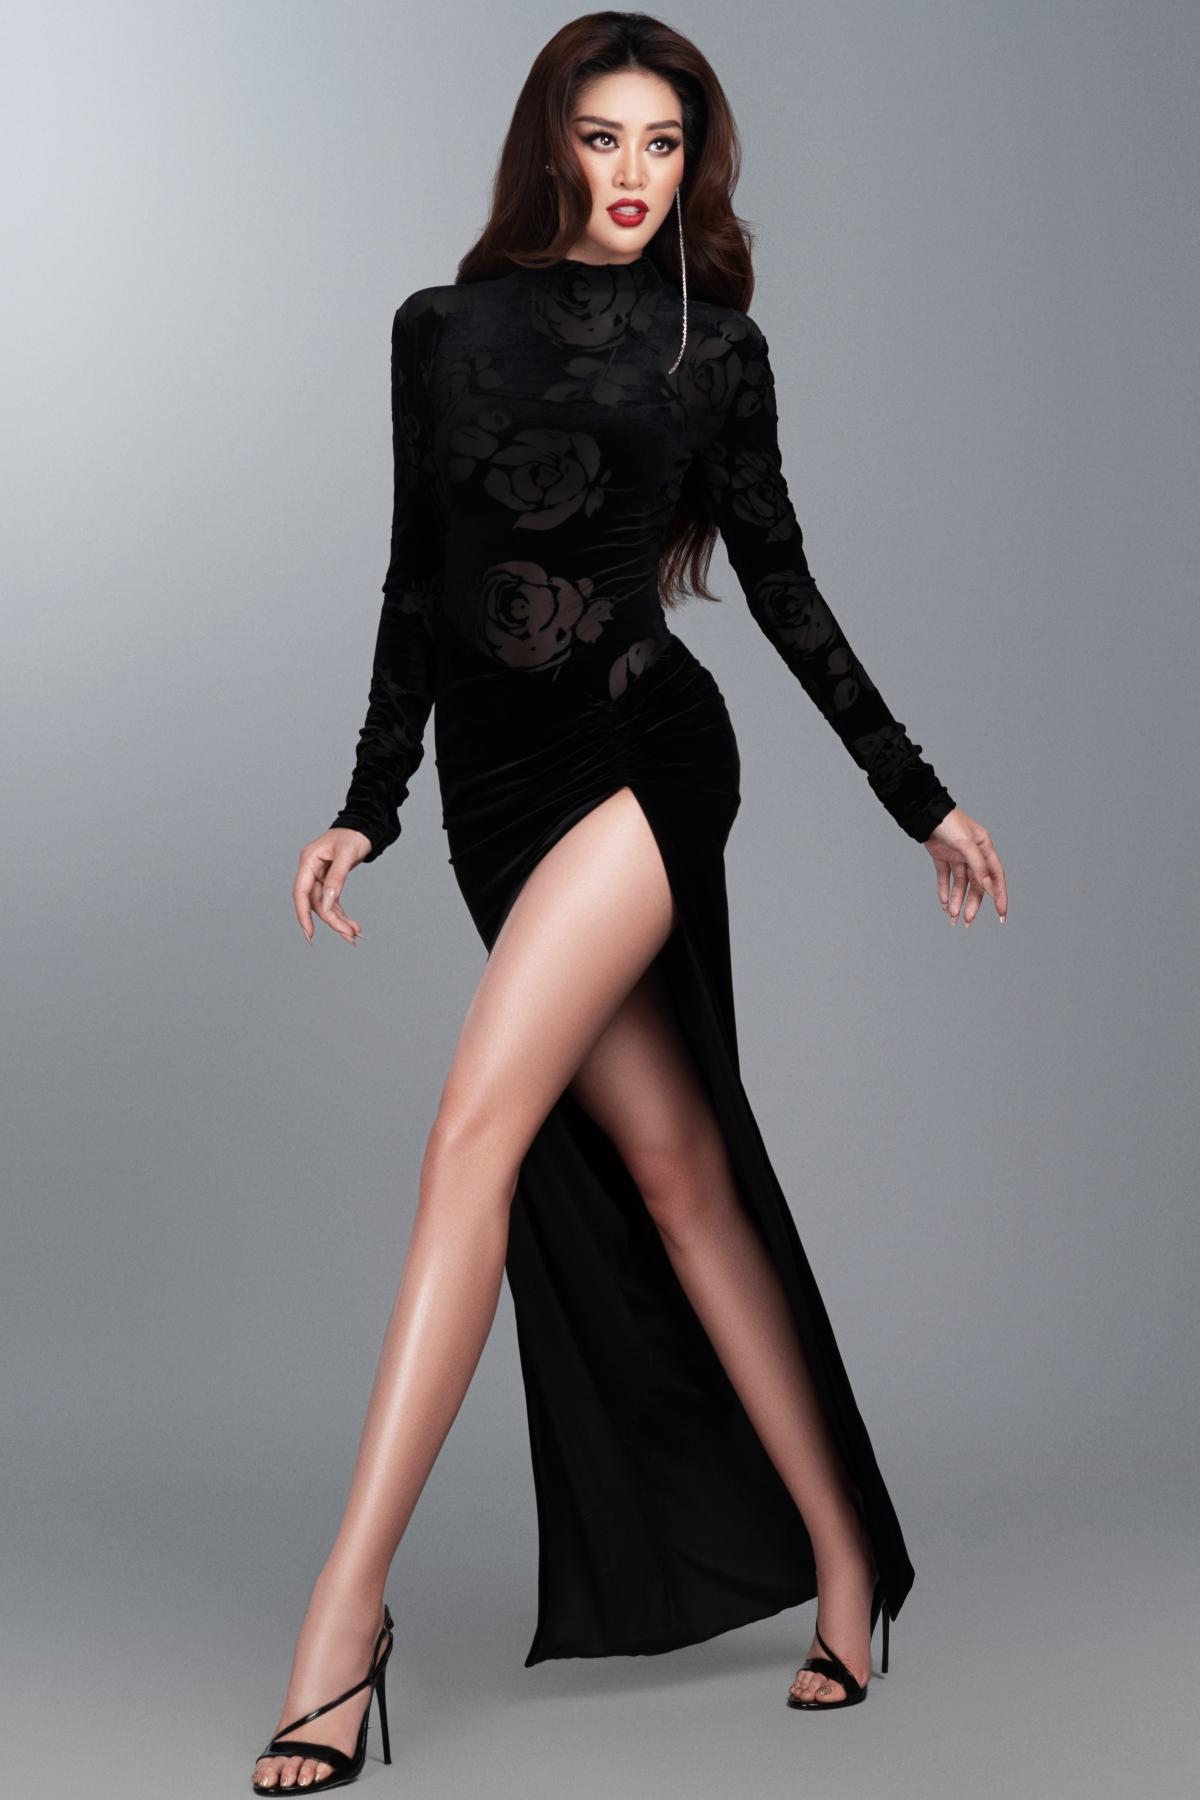 Một vài hình ảnh của Hoa hậu Khánh Vân trong trang phục dạ hội: